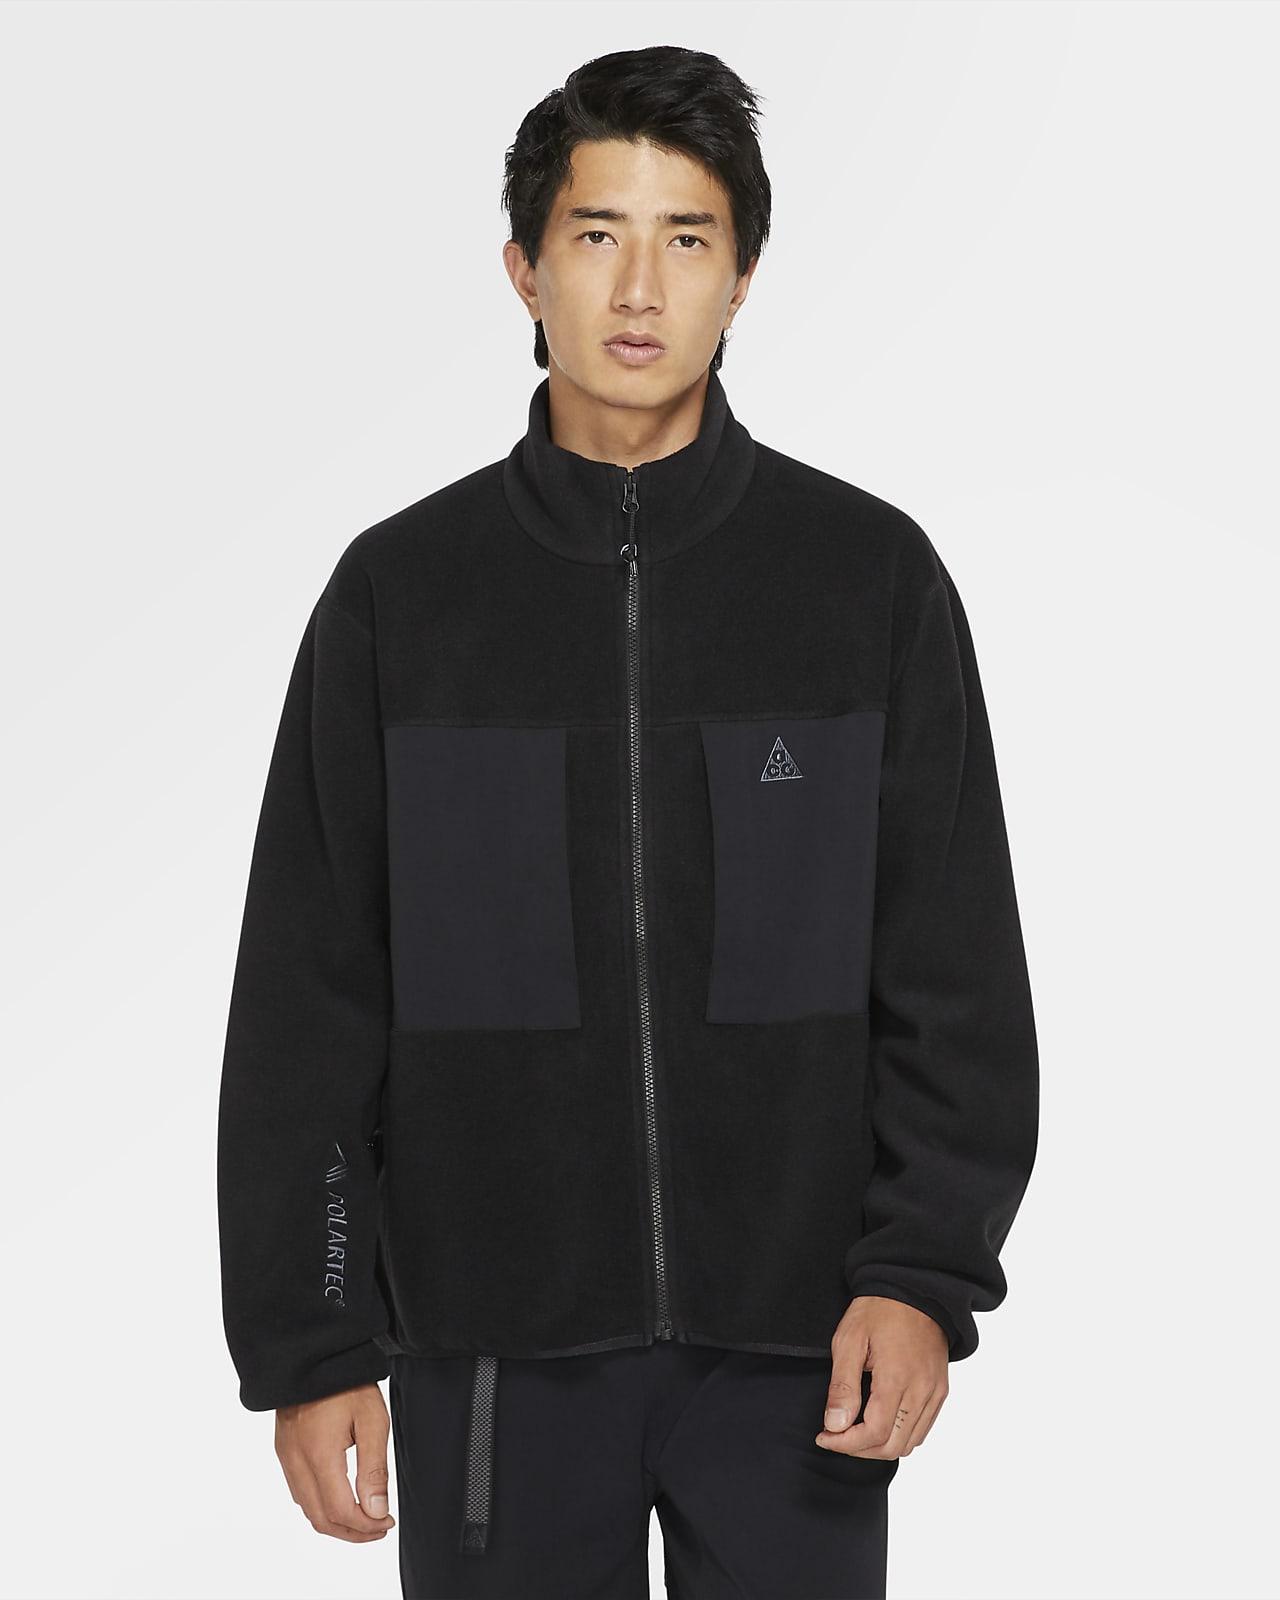 Nike ACG Polartec® 'Wolf Tree' Men's Fleece Full-Zip Top